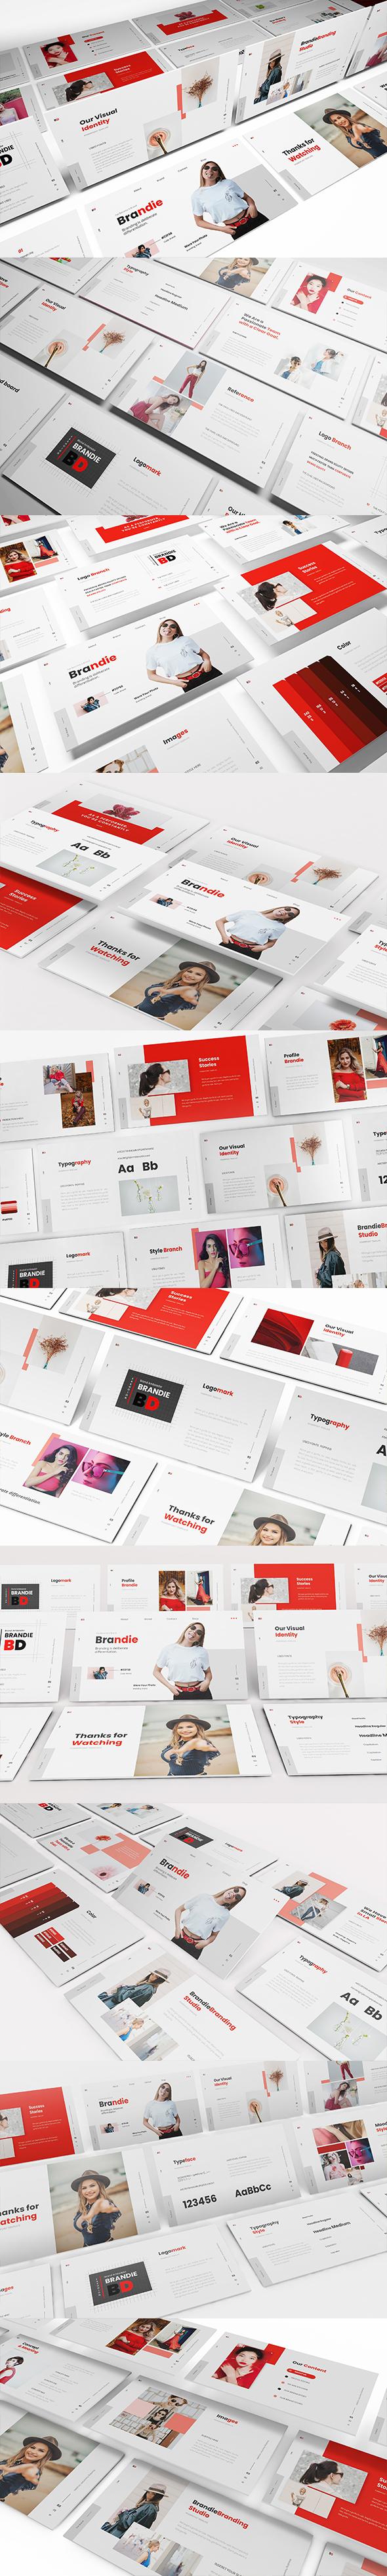 Brandie Branding Keynote Template